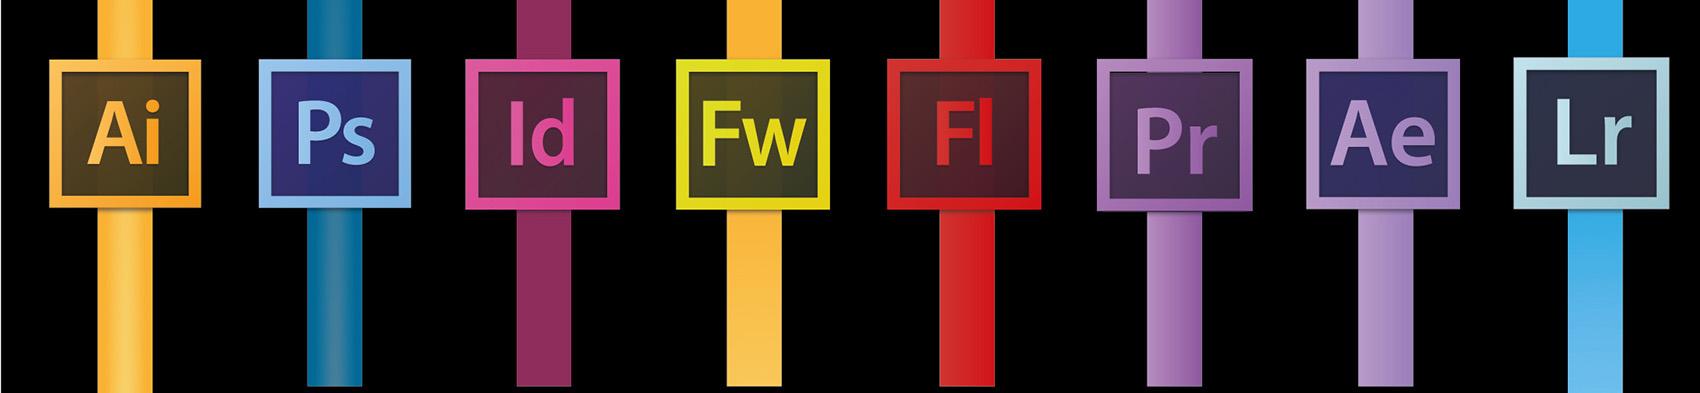 Logos aplicaciones Adobe Creative Cloud